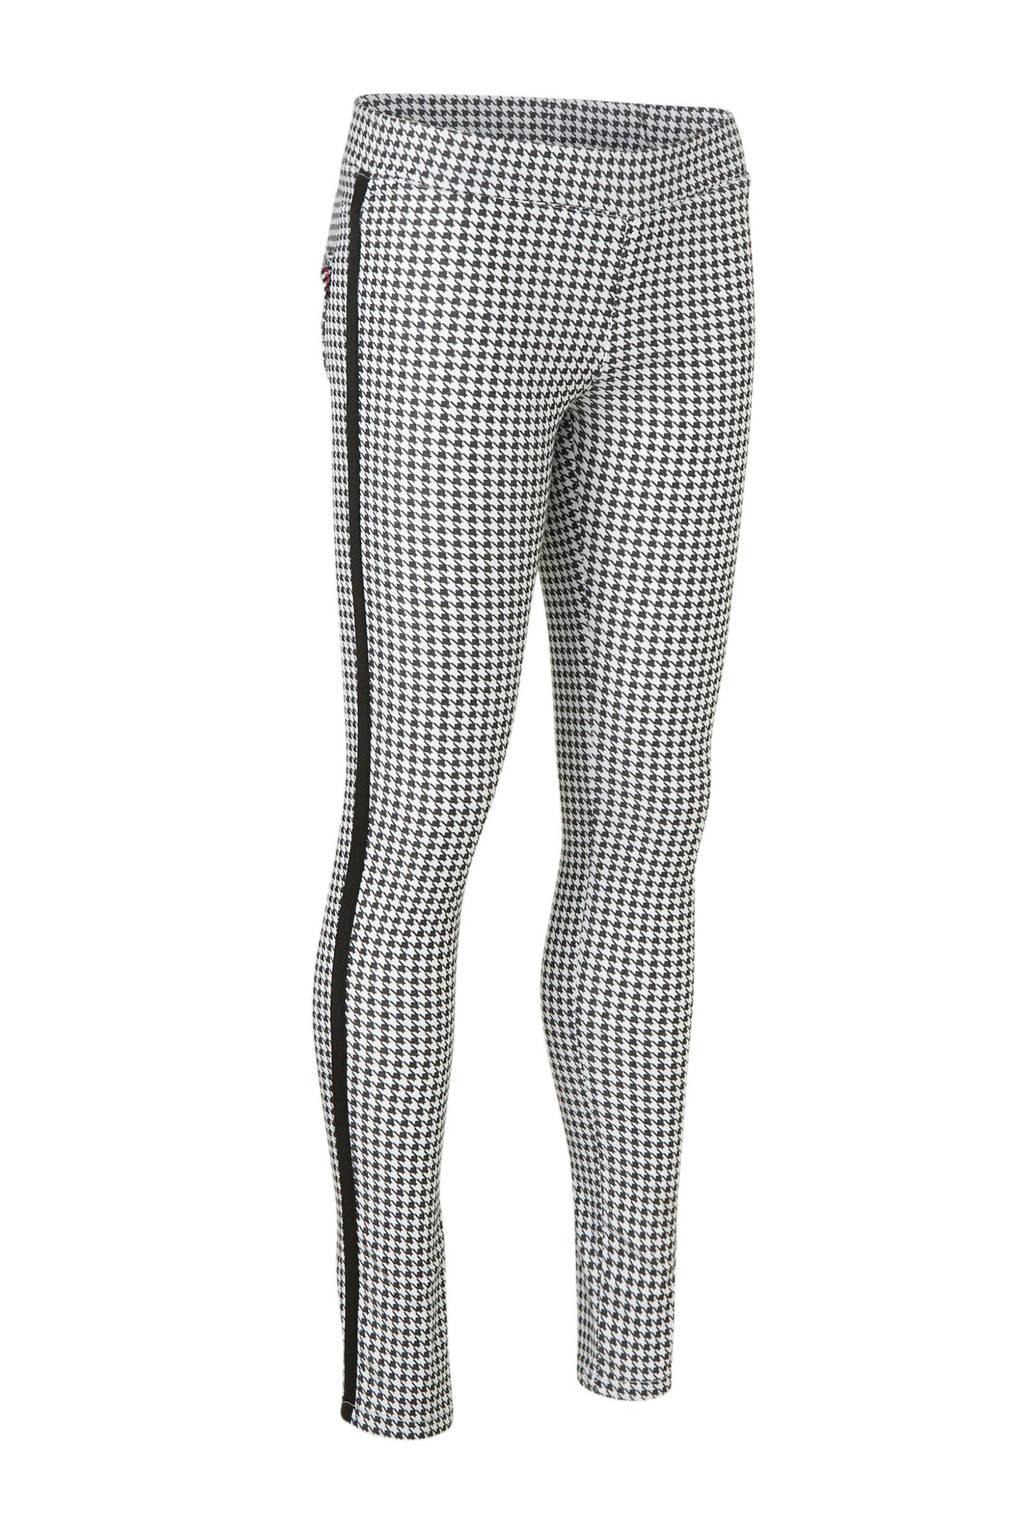 Vingino skinny broek Sunna met zijstreep wit/zwart, Wit/zwart